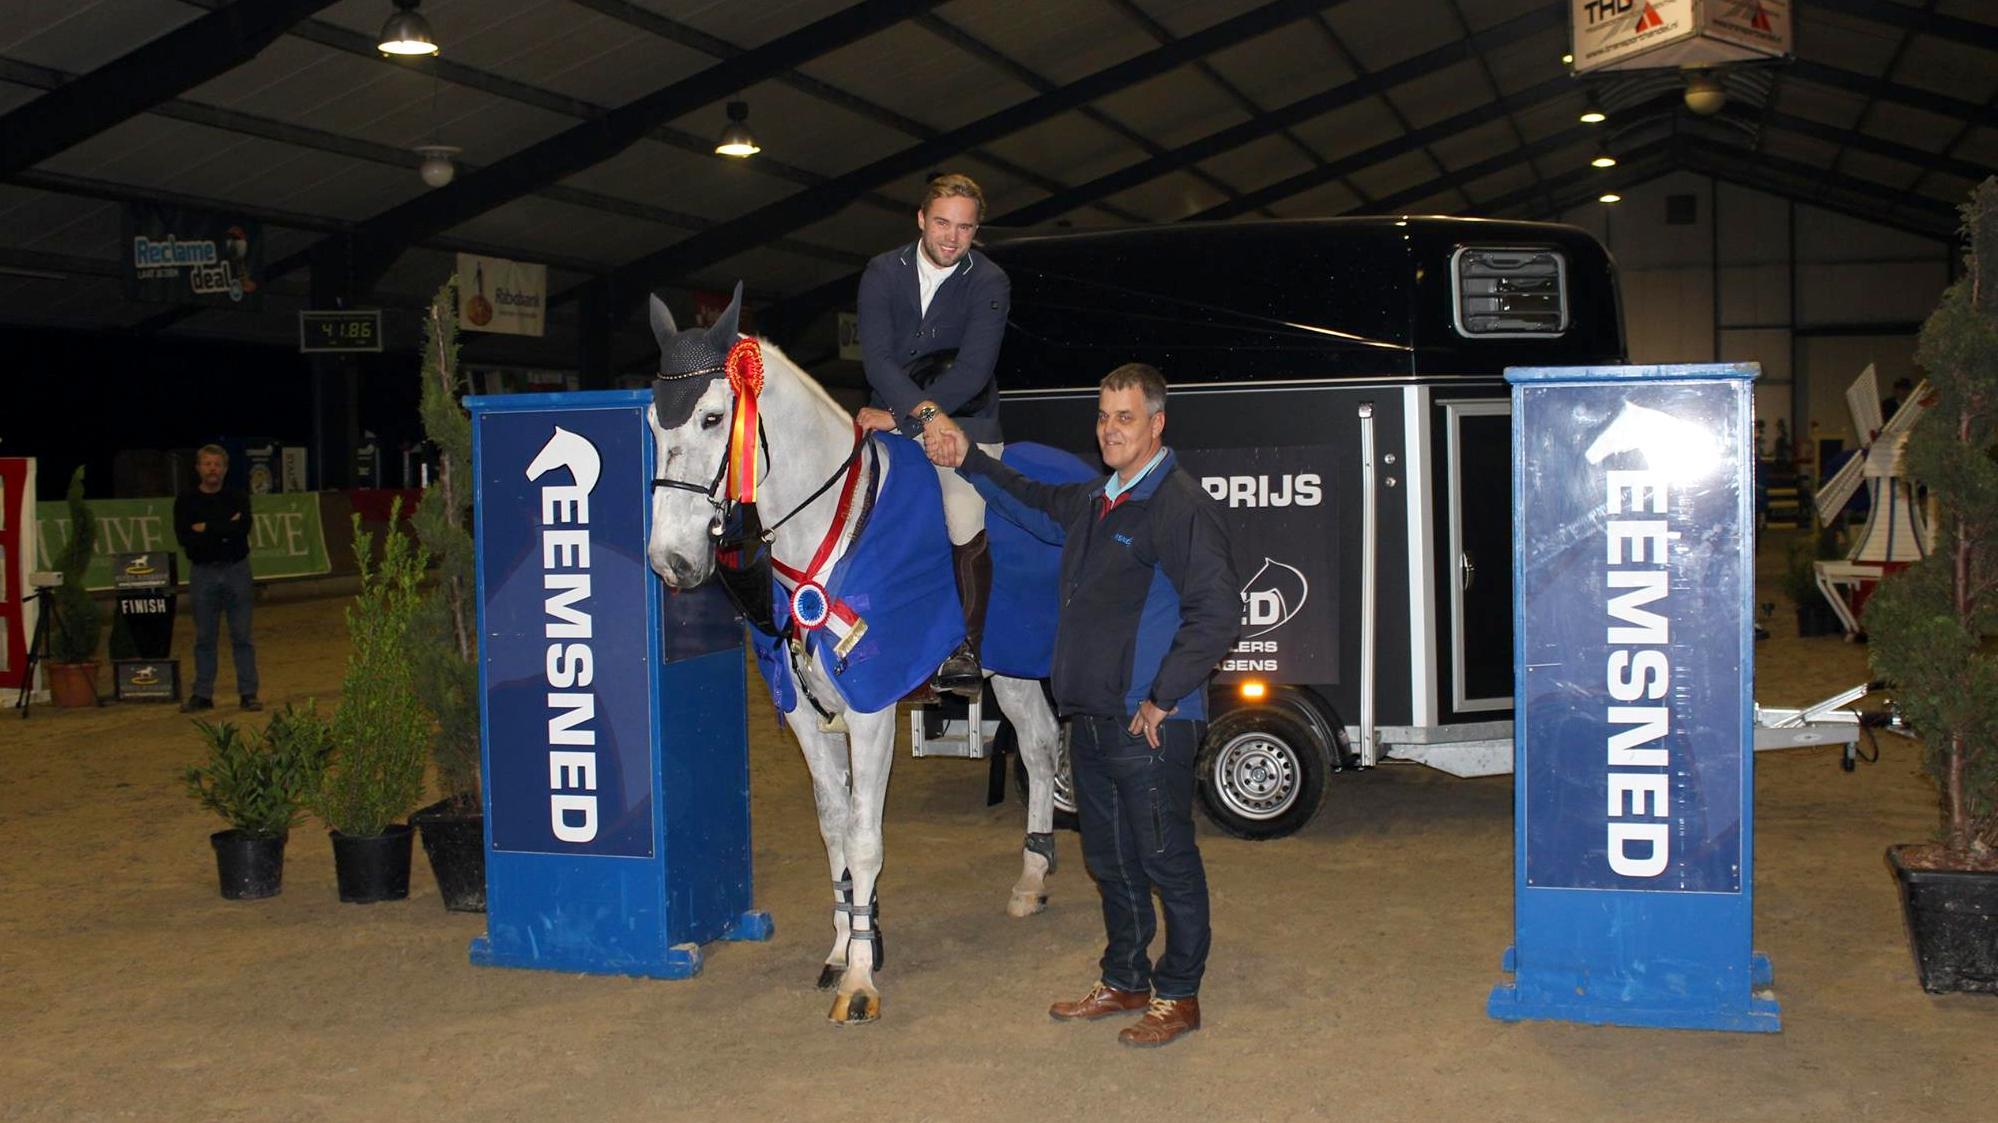 Dalerveense Ruiterdagen. Nuri Dijks won de hoofdprijs, een tweepaards trailer en krijgt de felicitaties van sponsor Gert Smit van Eemsned. foto: Facebook | Boekweitruiters